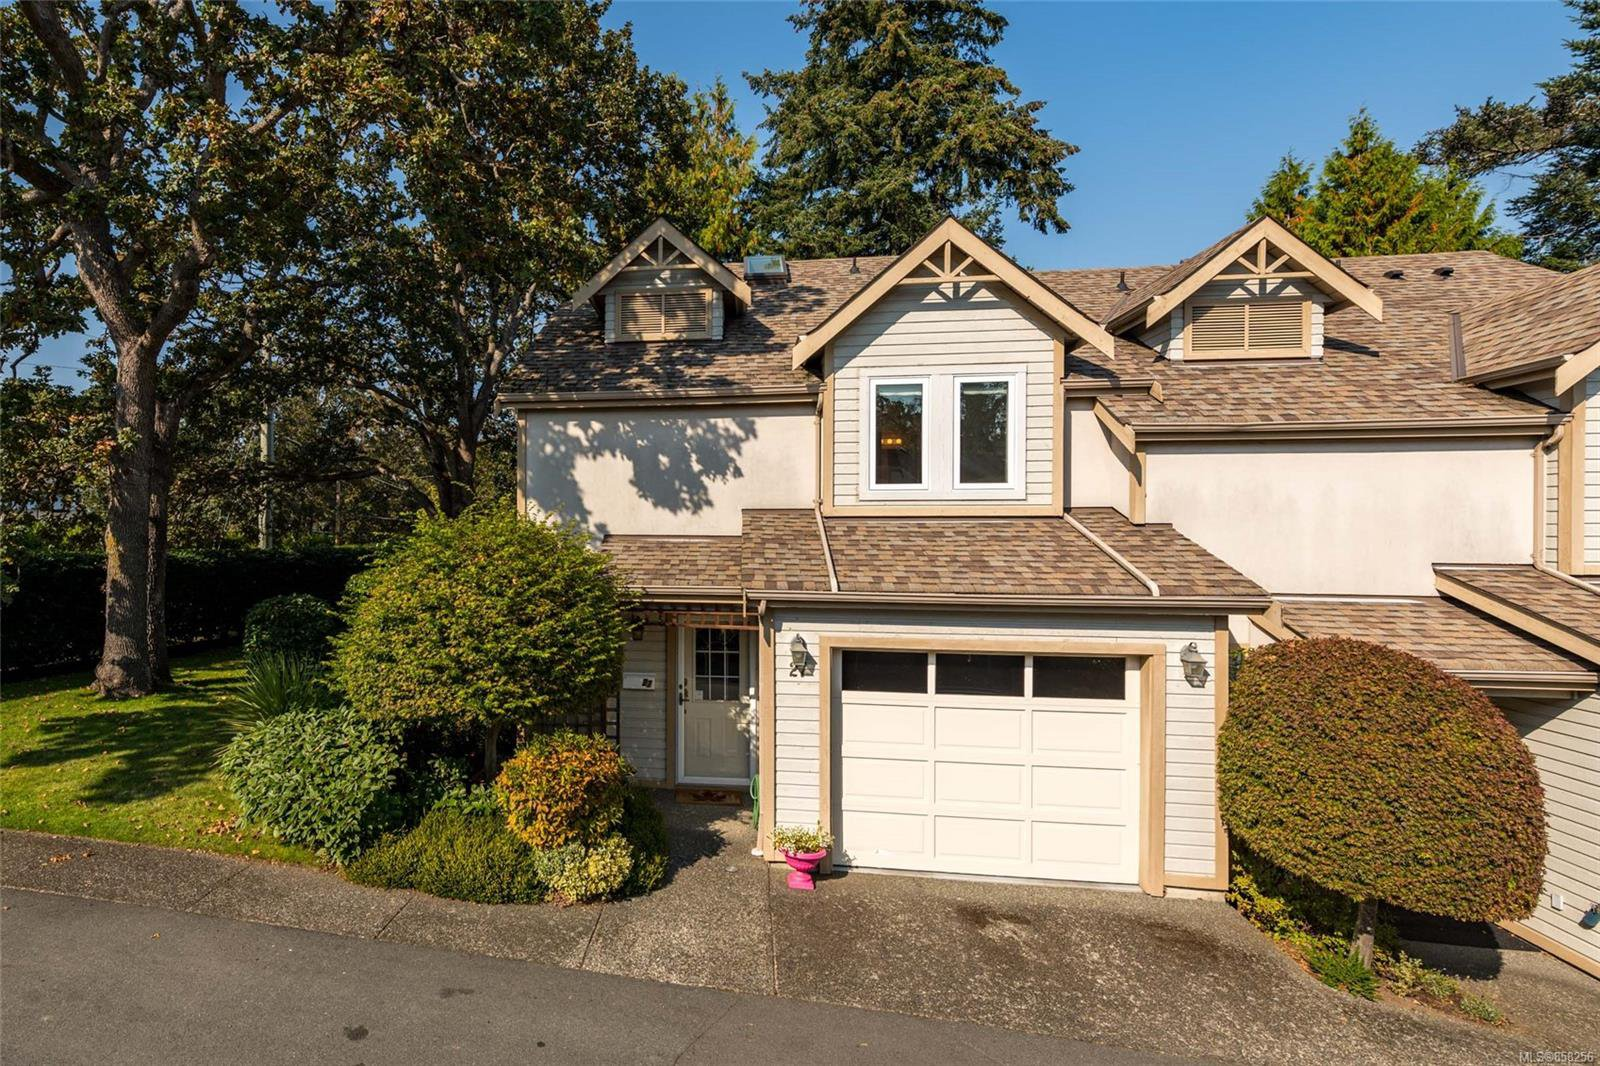 Main Photo: 27 3947 Cedar Hill Cross Rd in : SE Cedar Hill Row/Townhouse for sale (Saanich East)  : MLS®# 858256